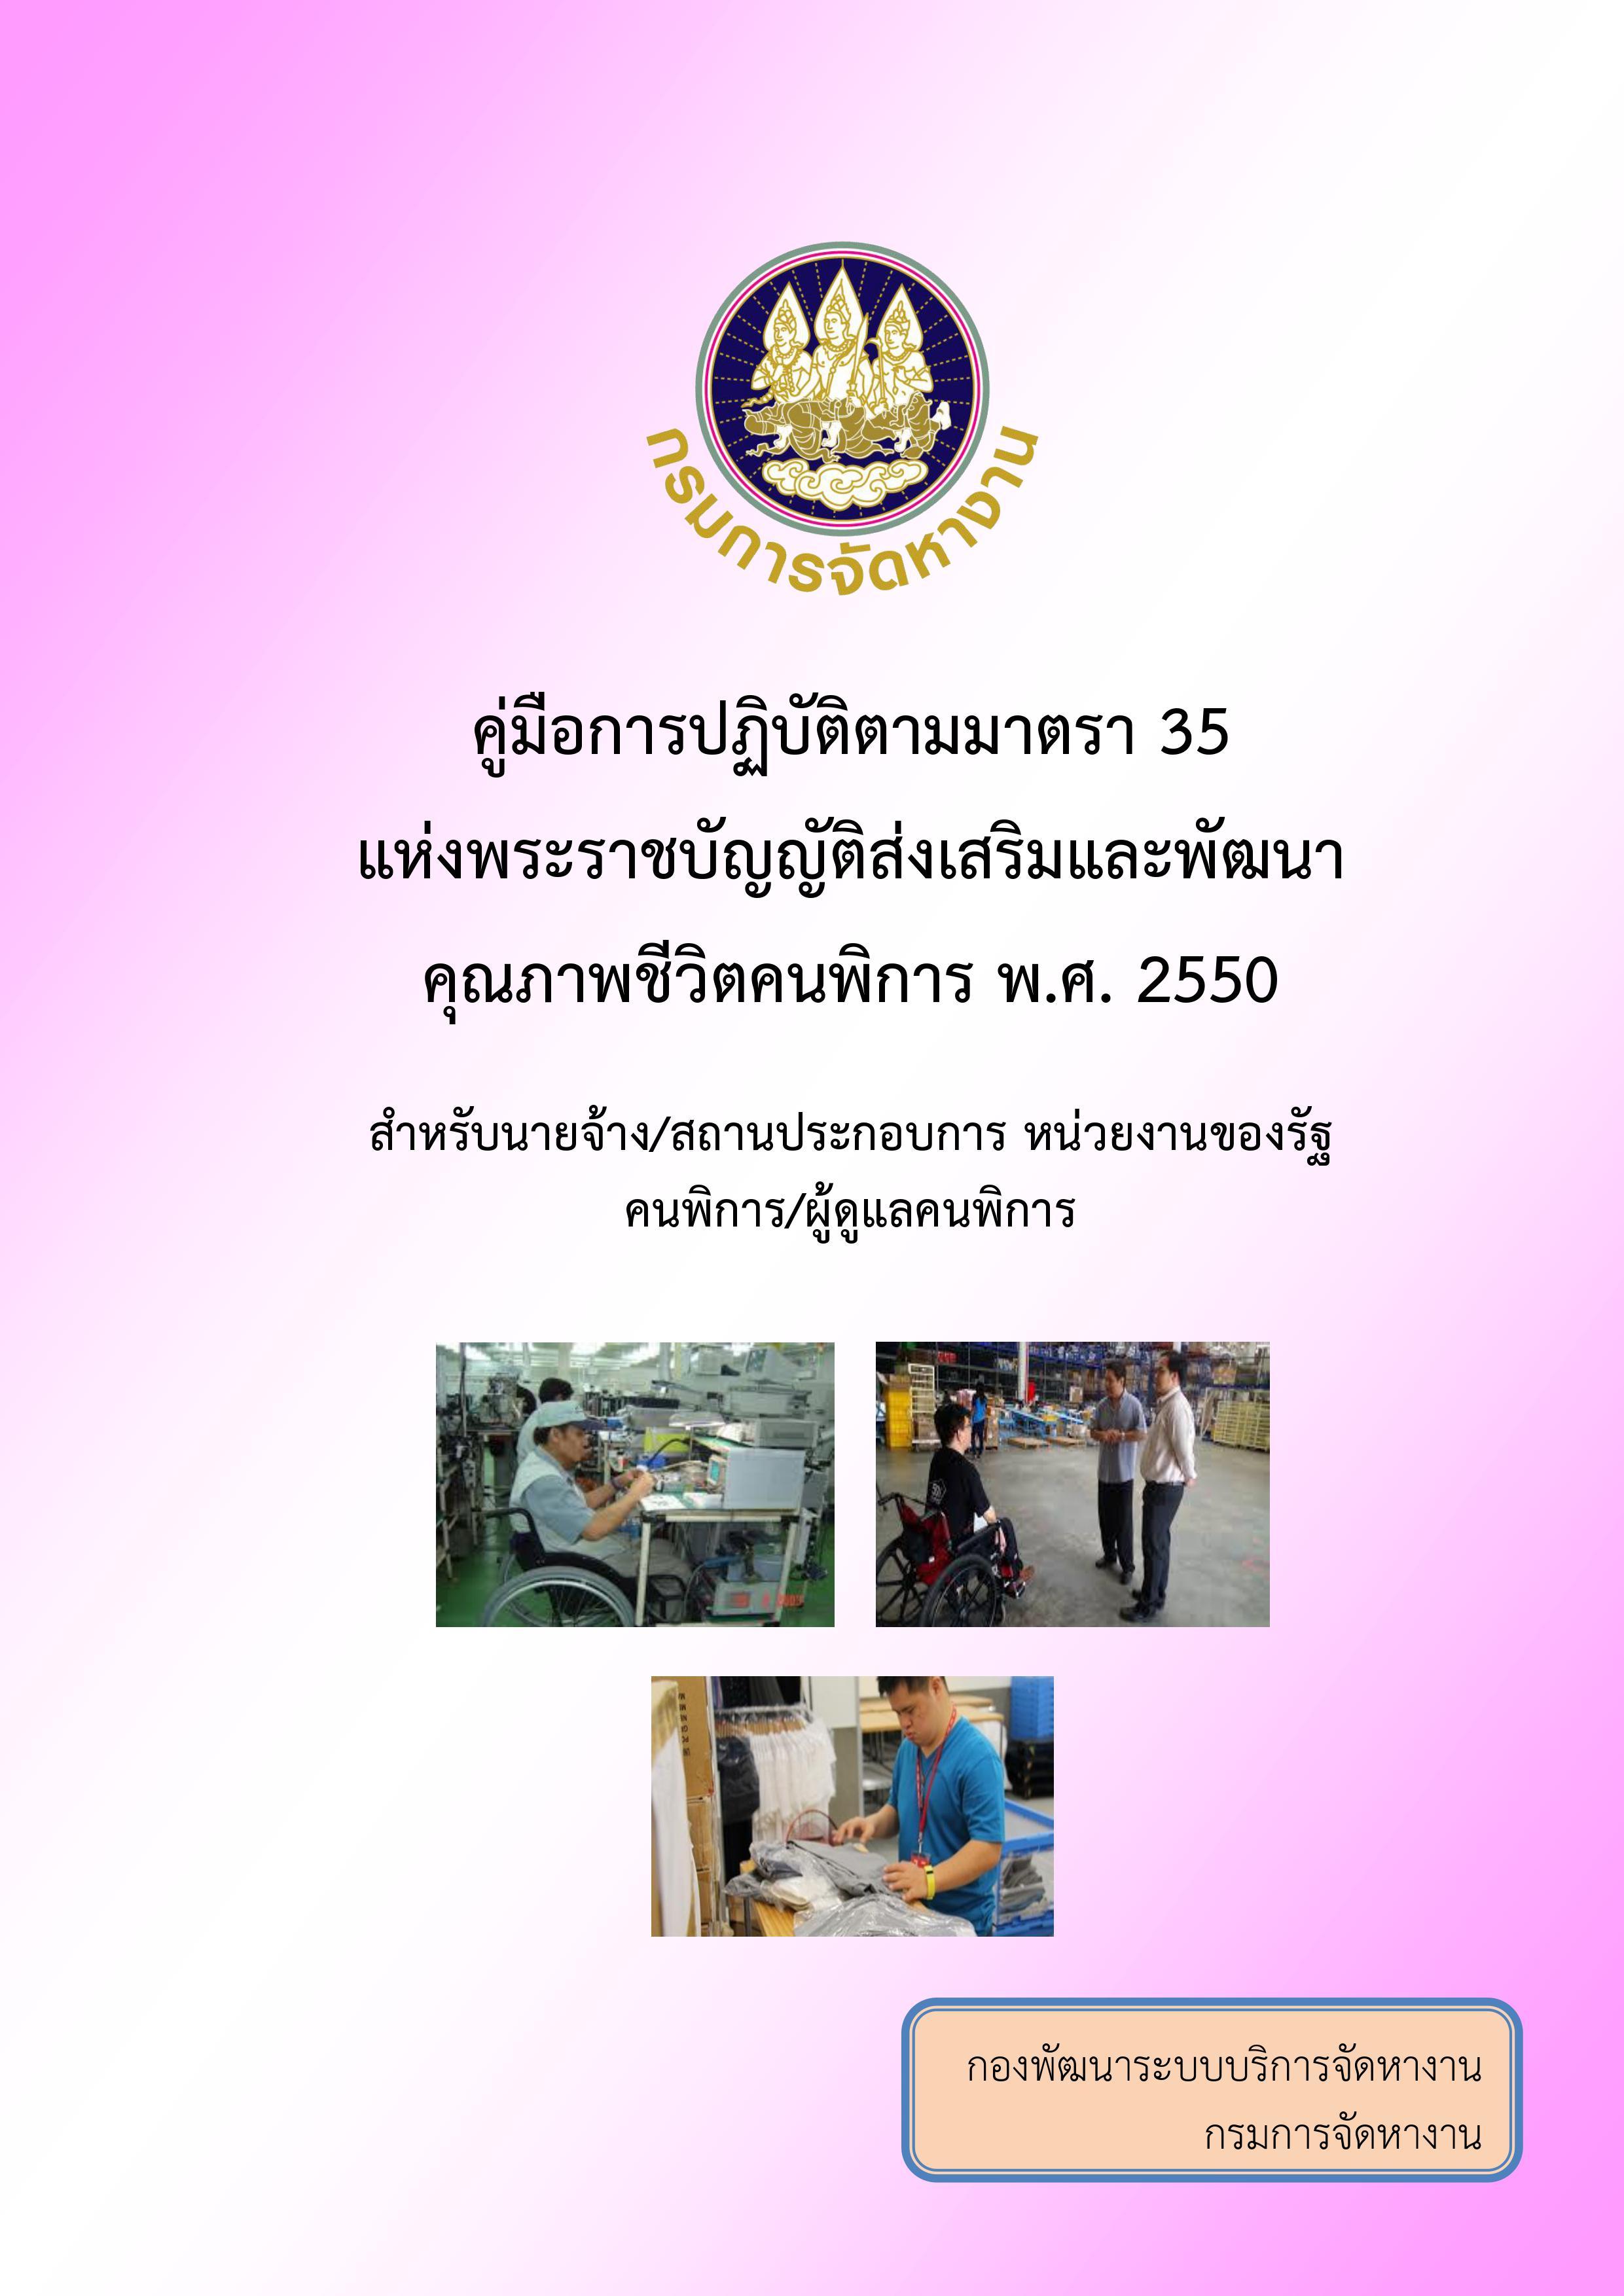 คู่มือการปฏิบัติตามมาตรา 35 แห่งพระราชบัญญัติส่งเสริมและพัฒนาคุณภาพชีวิตคนพิการ พ.ศ. 2550